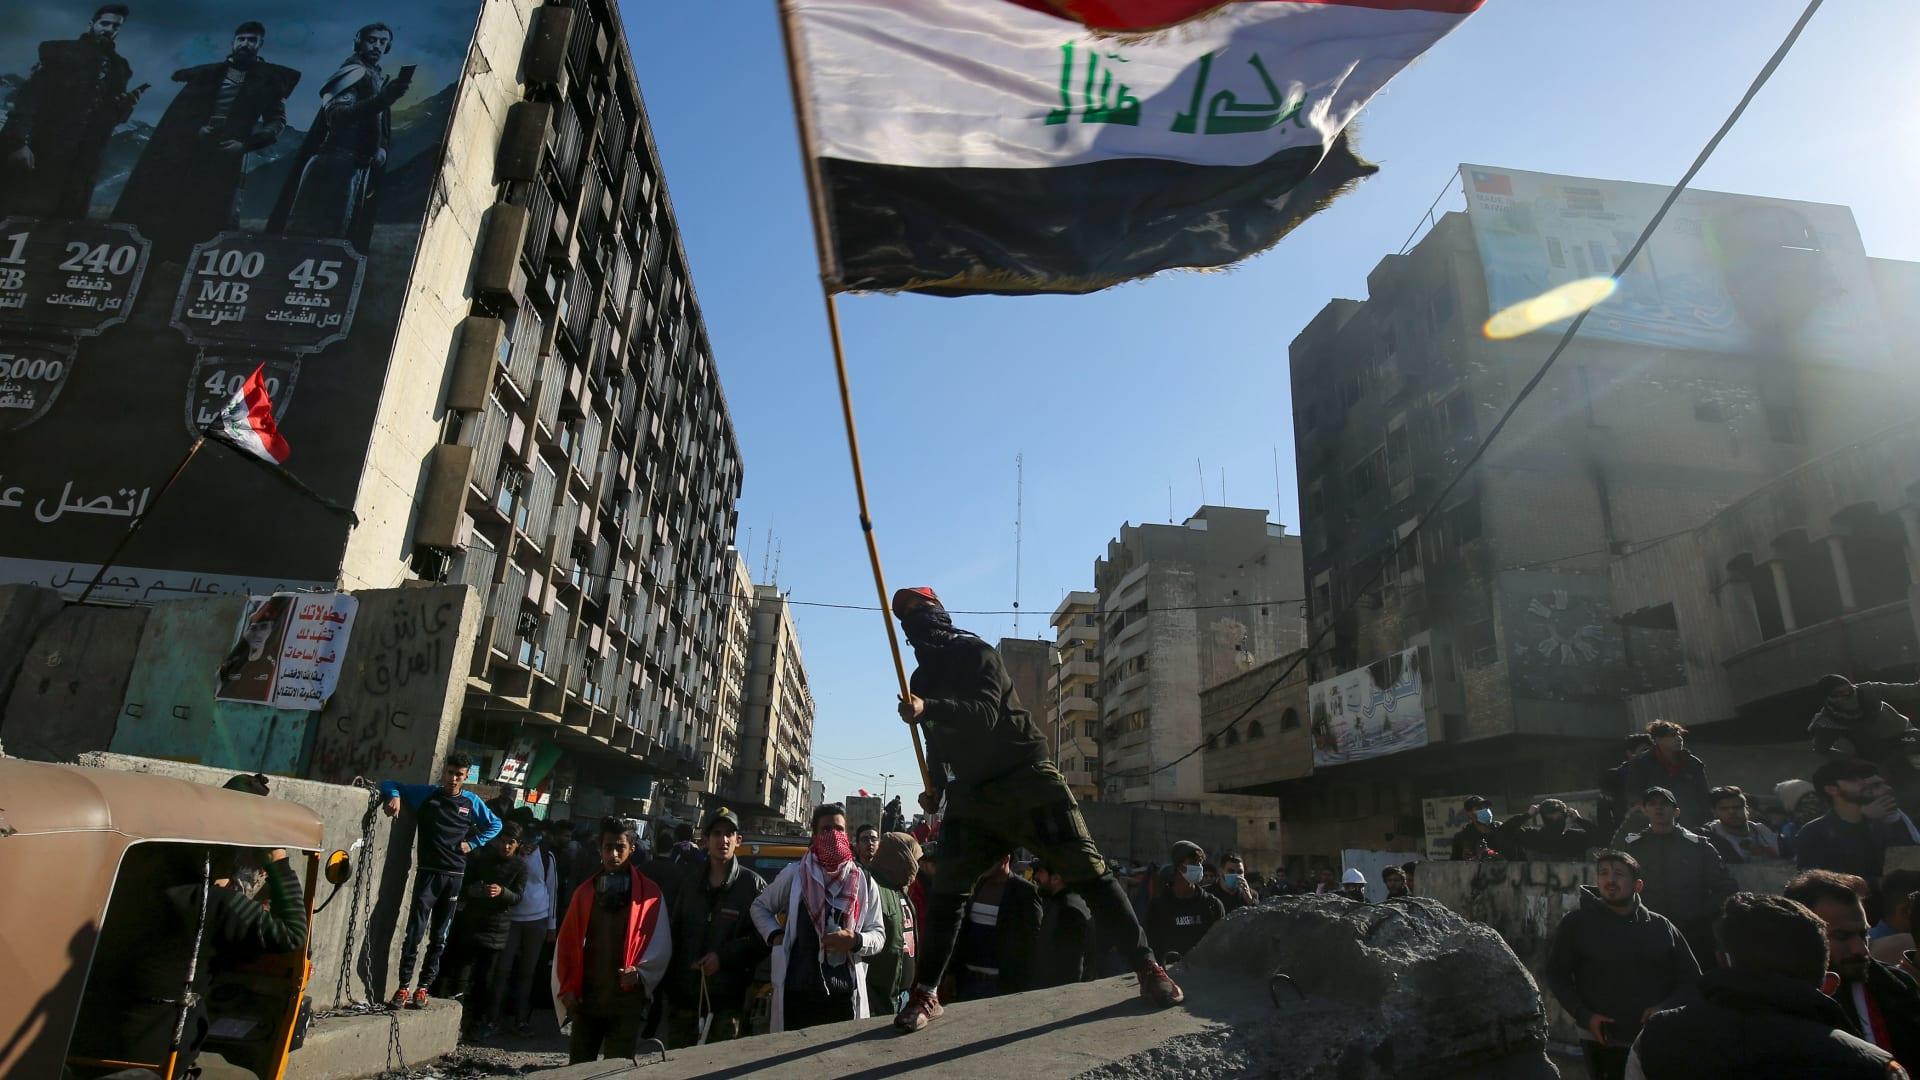 رئيس الوزراء العراقي الجديد المكلف يوجه رسالة للمتظاهرين: واصلوا الاحتجاج